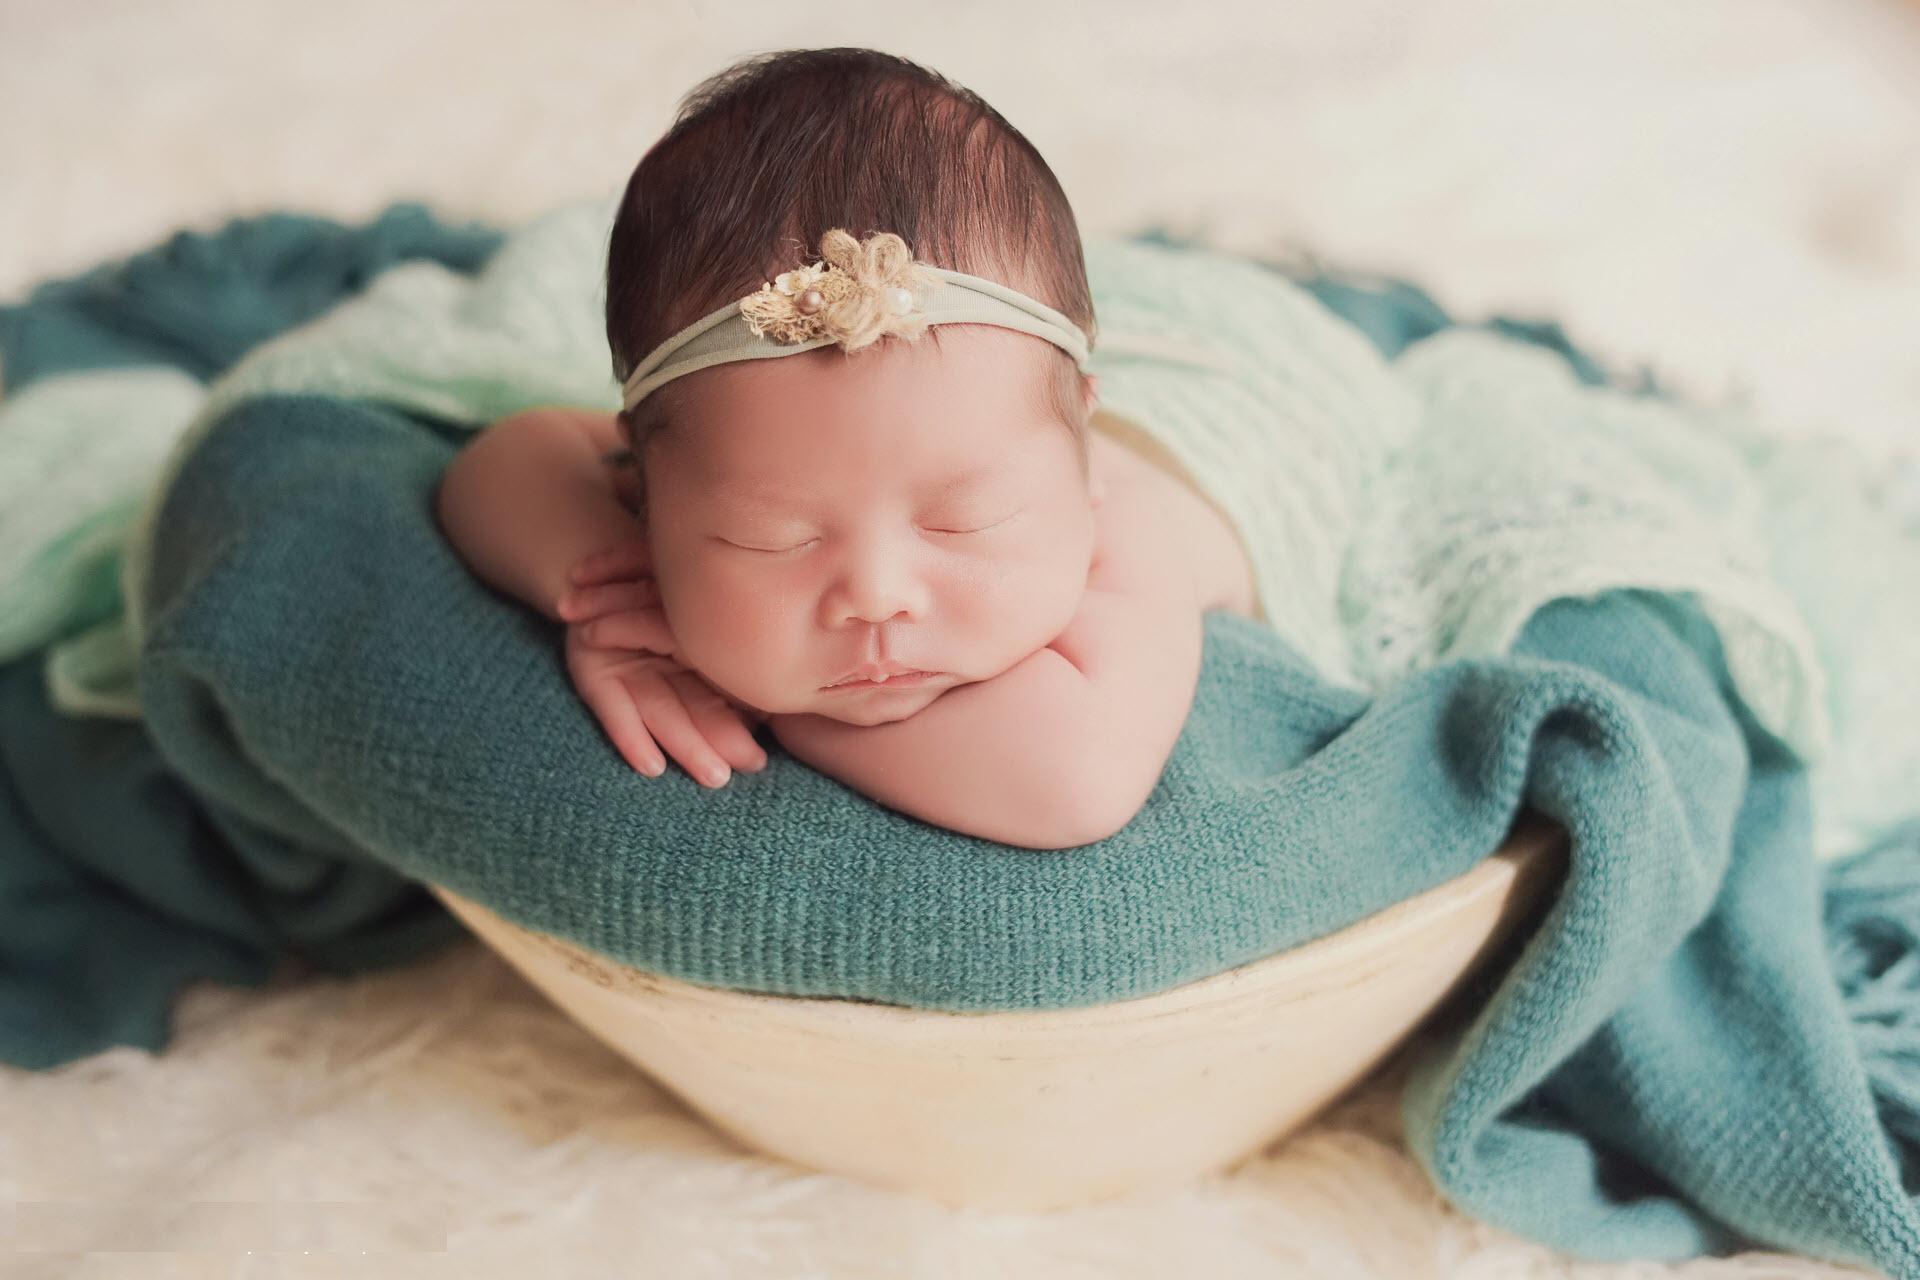 Hình ảnh em bé sơ sinh đẹp